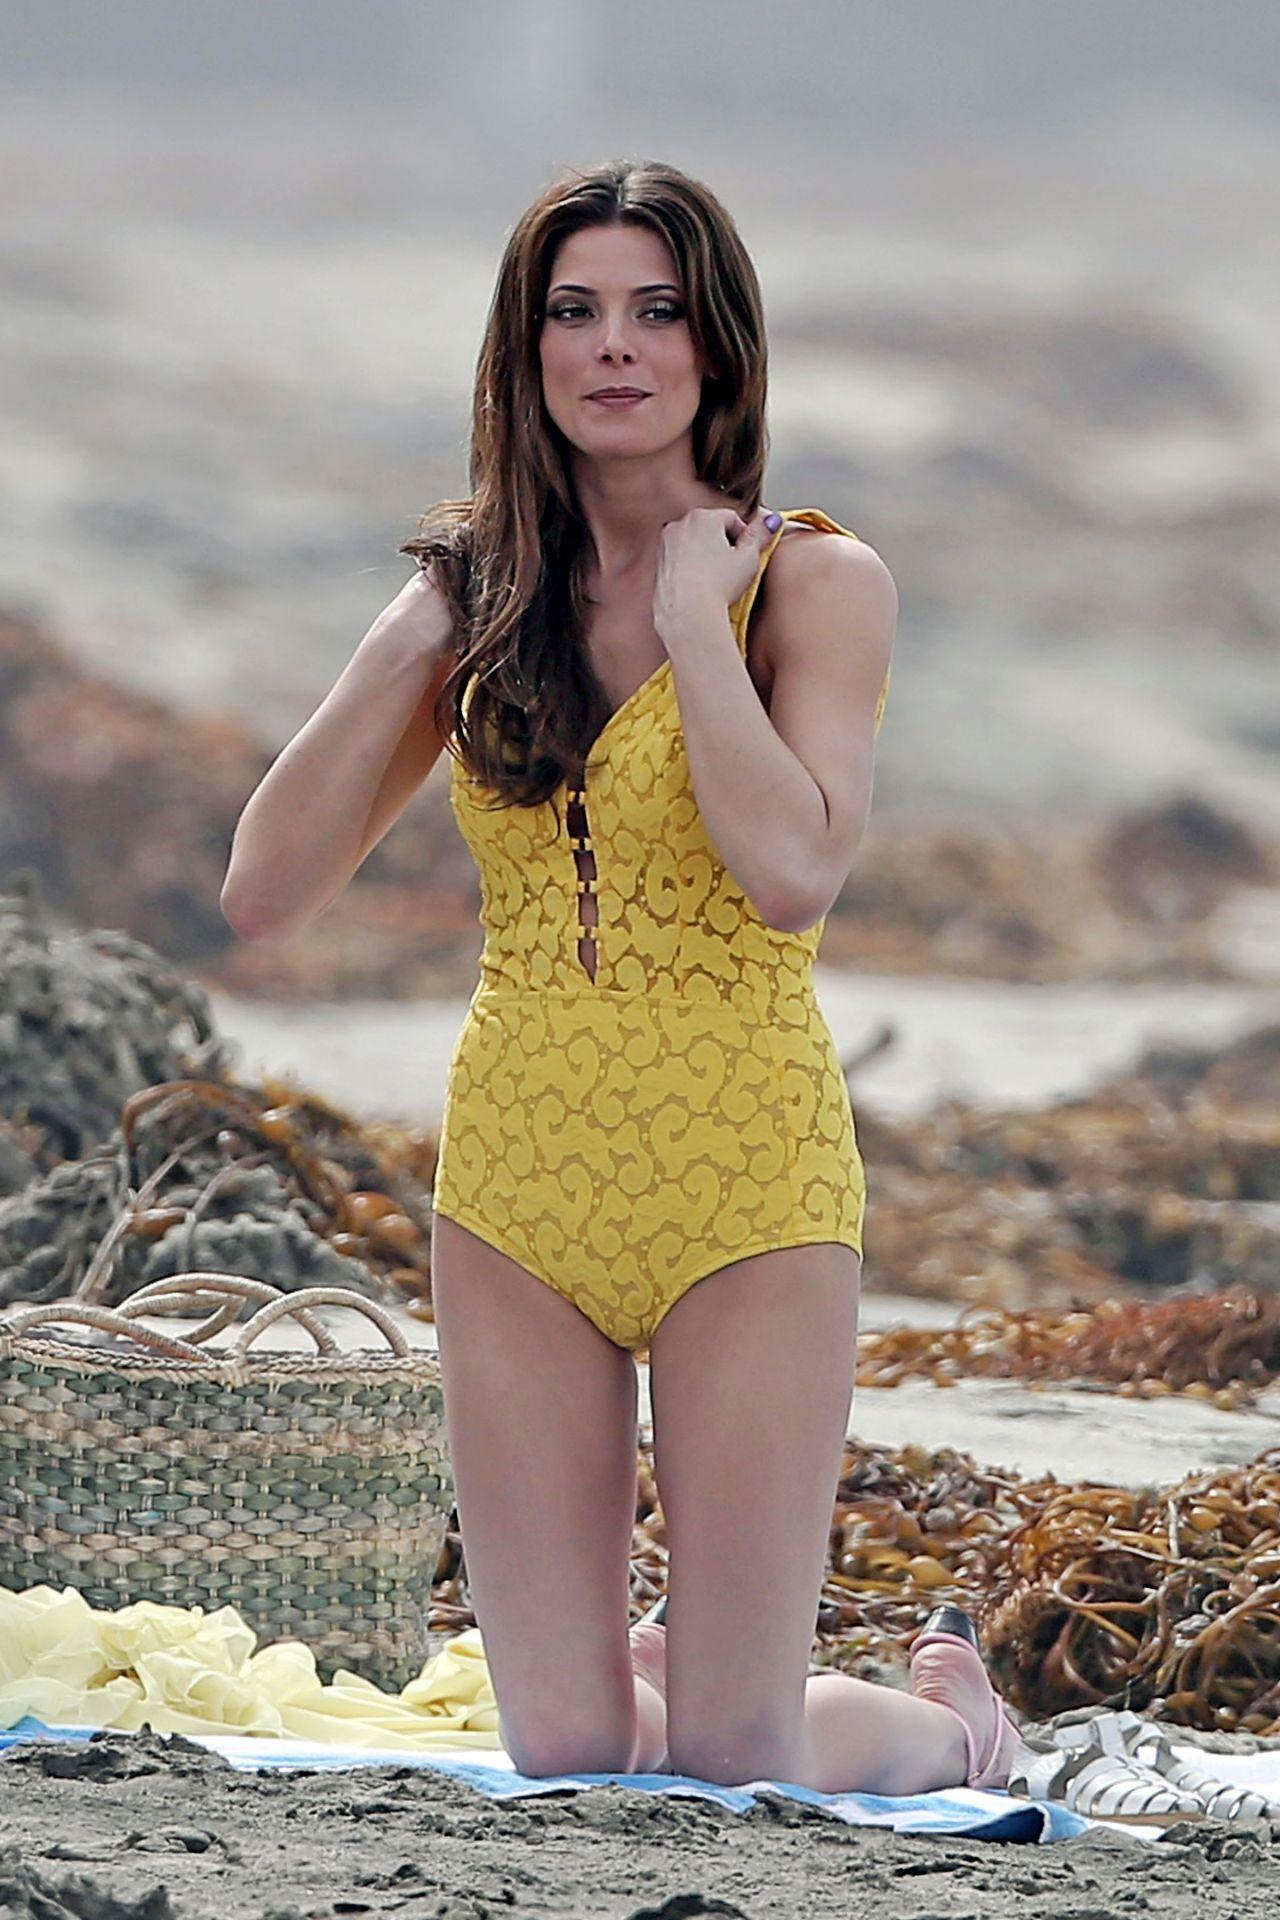 Bikini Ashley Greene naked (25 photo), Topless, Cleavage, Feet, braless 2017